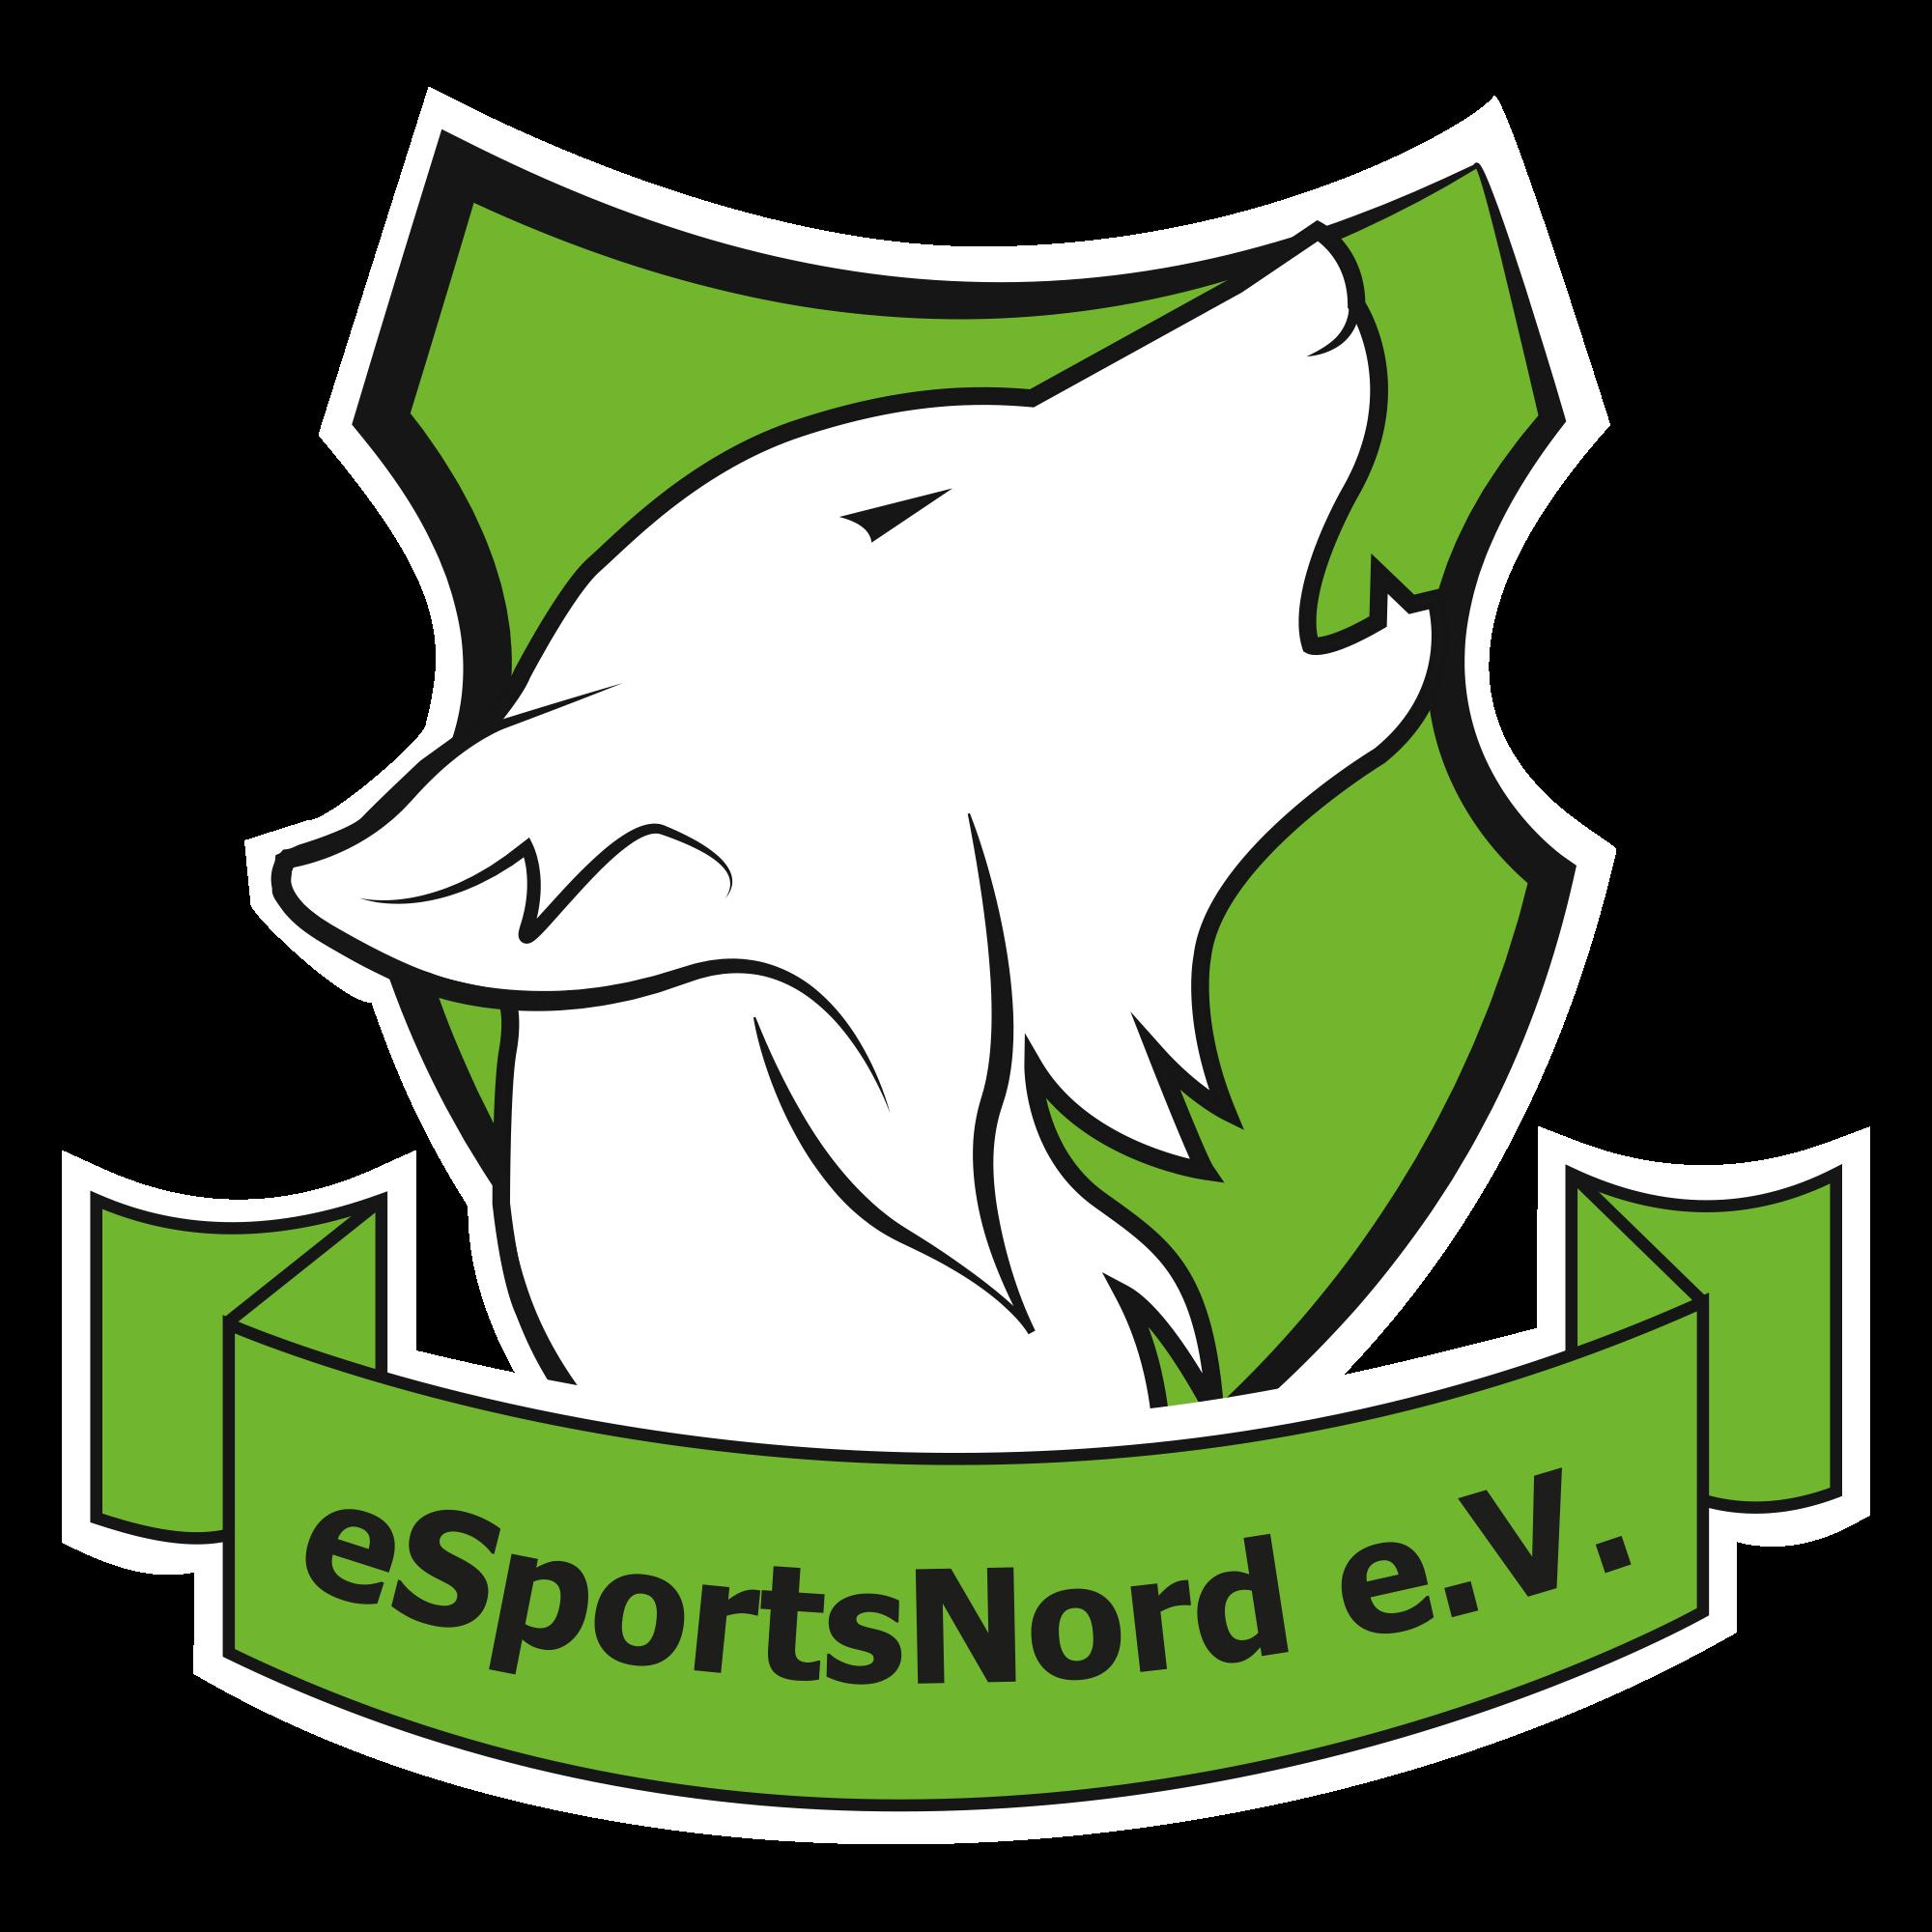 eSports Nord e.V.